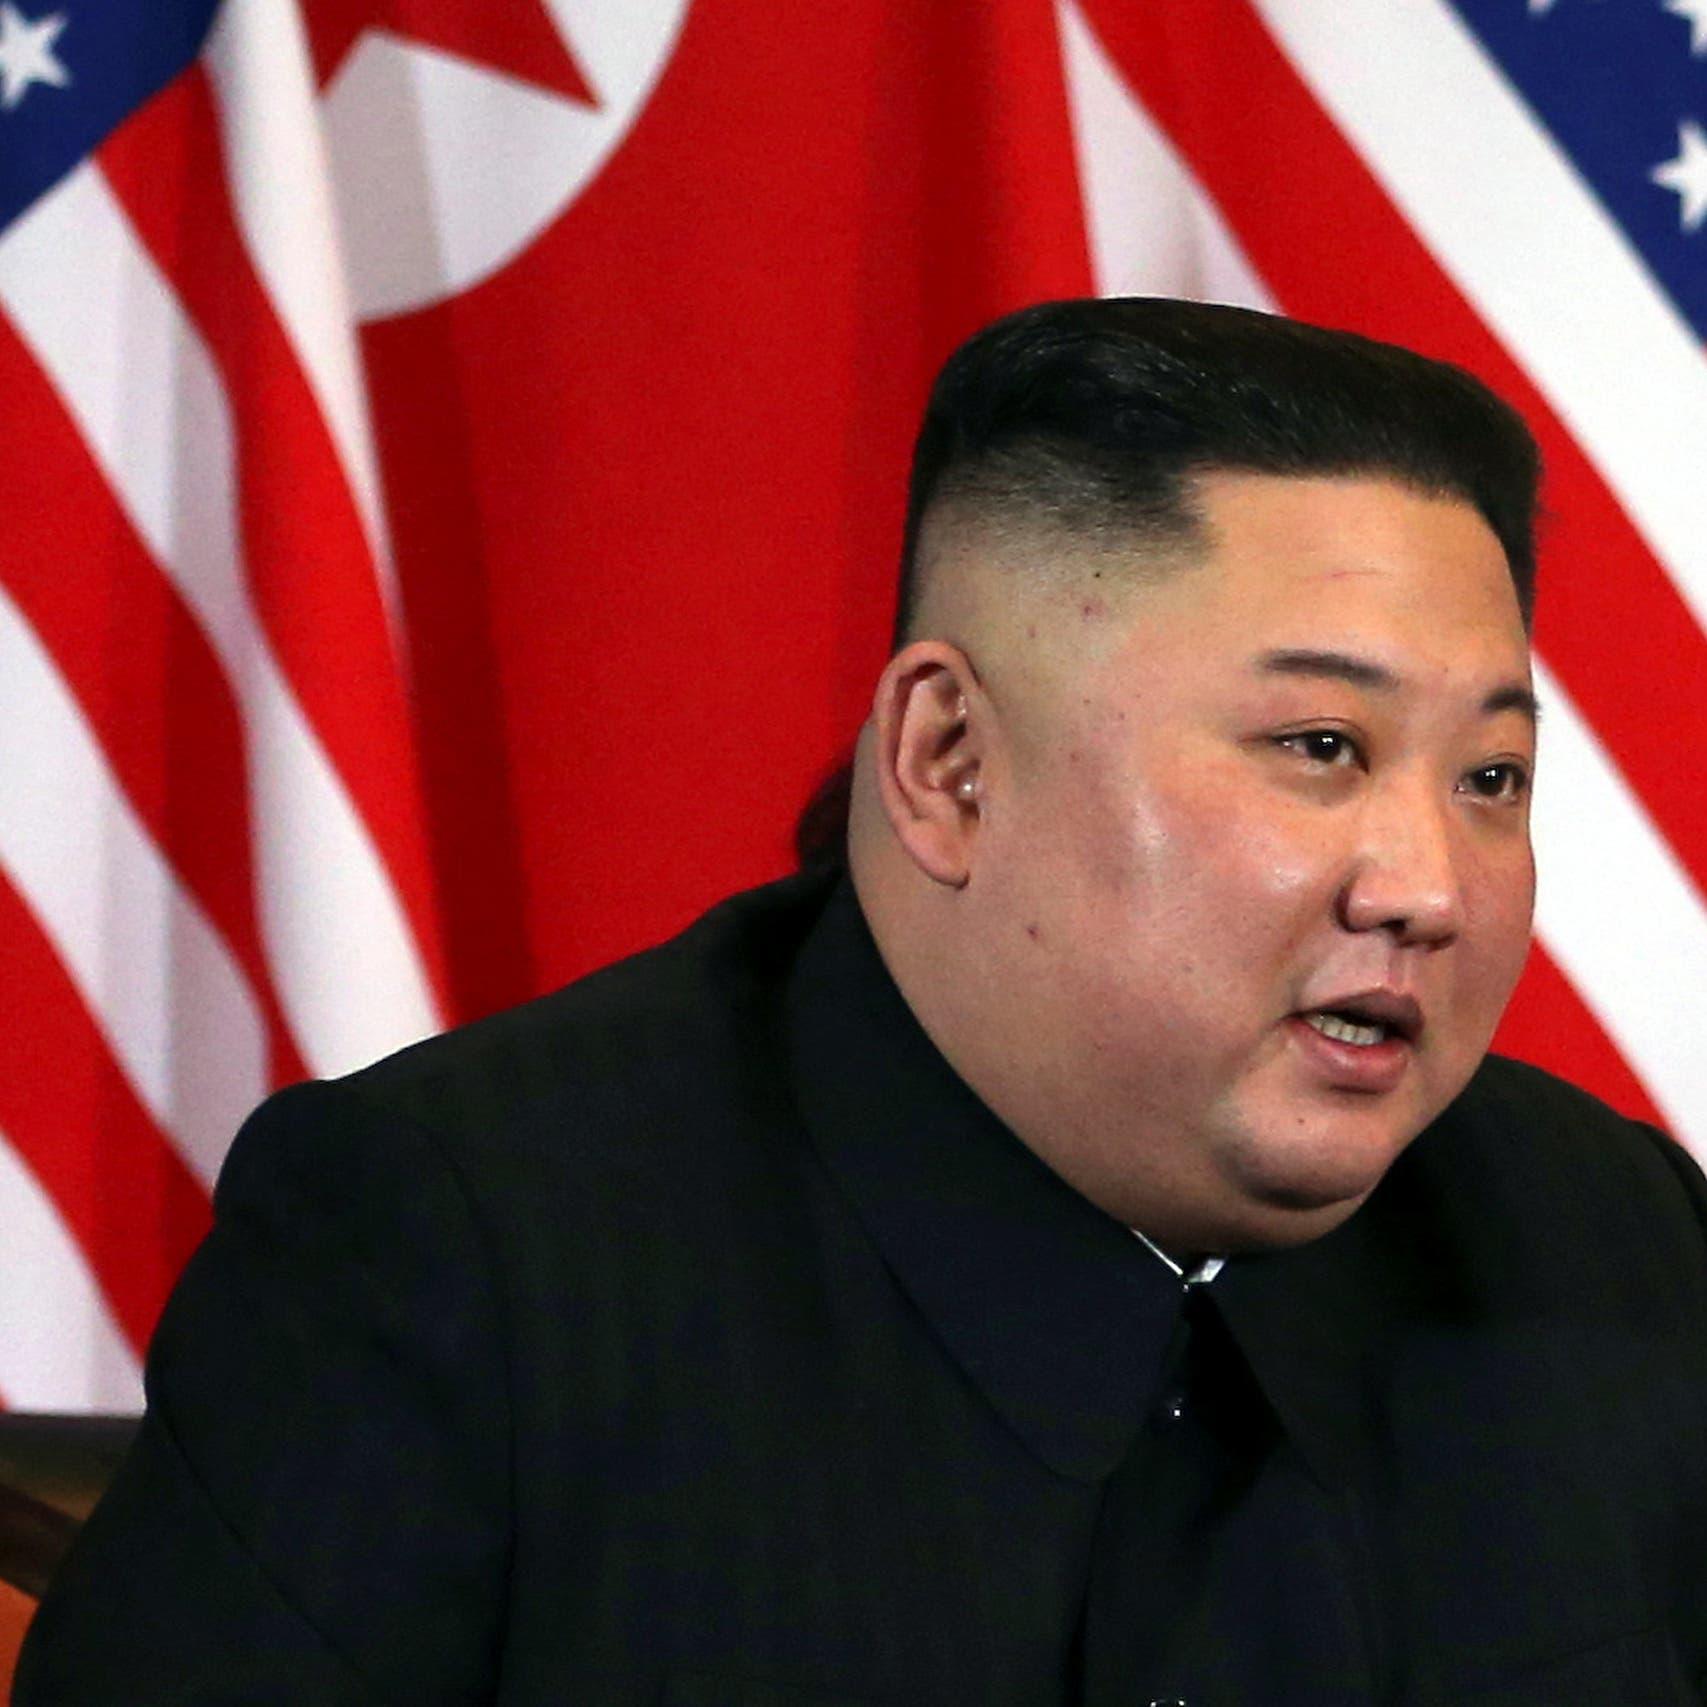 كيم يهدد بضربة قاضية لمؤيدي العقوبات ضد كوريا الشمالية